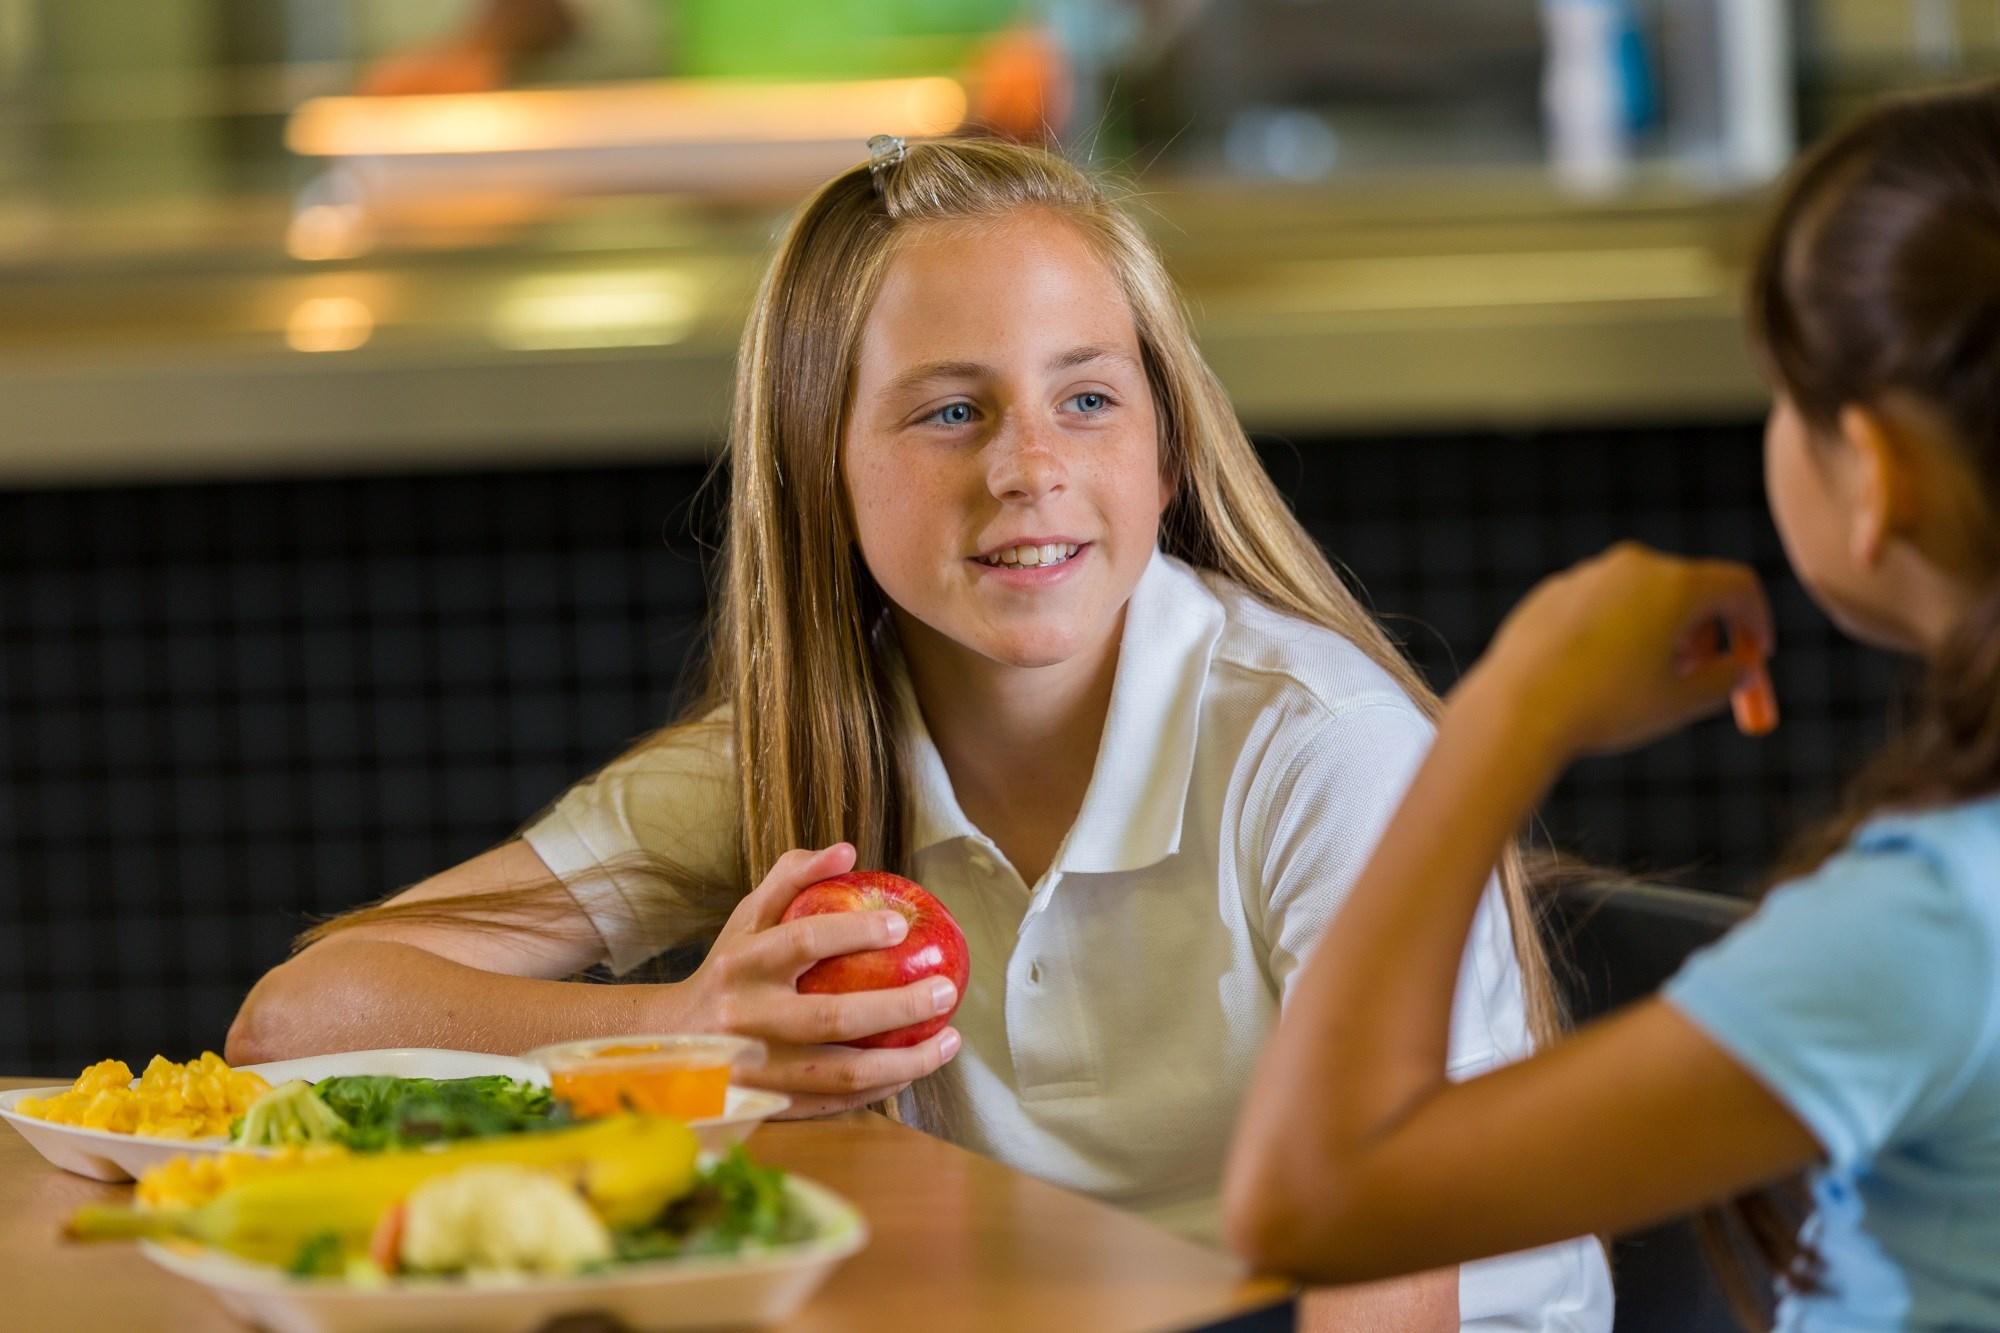 School Nutrition Programs Limit BMI Gains in Children